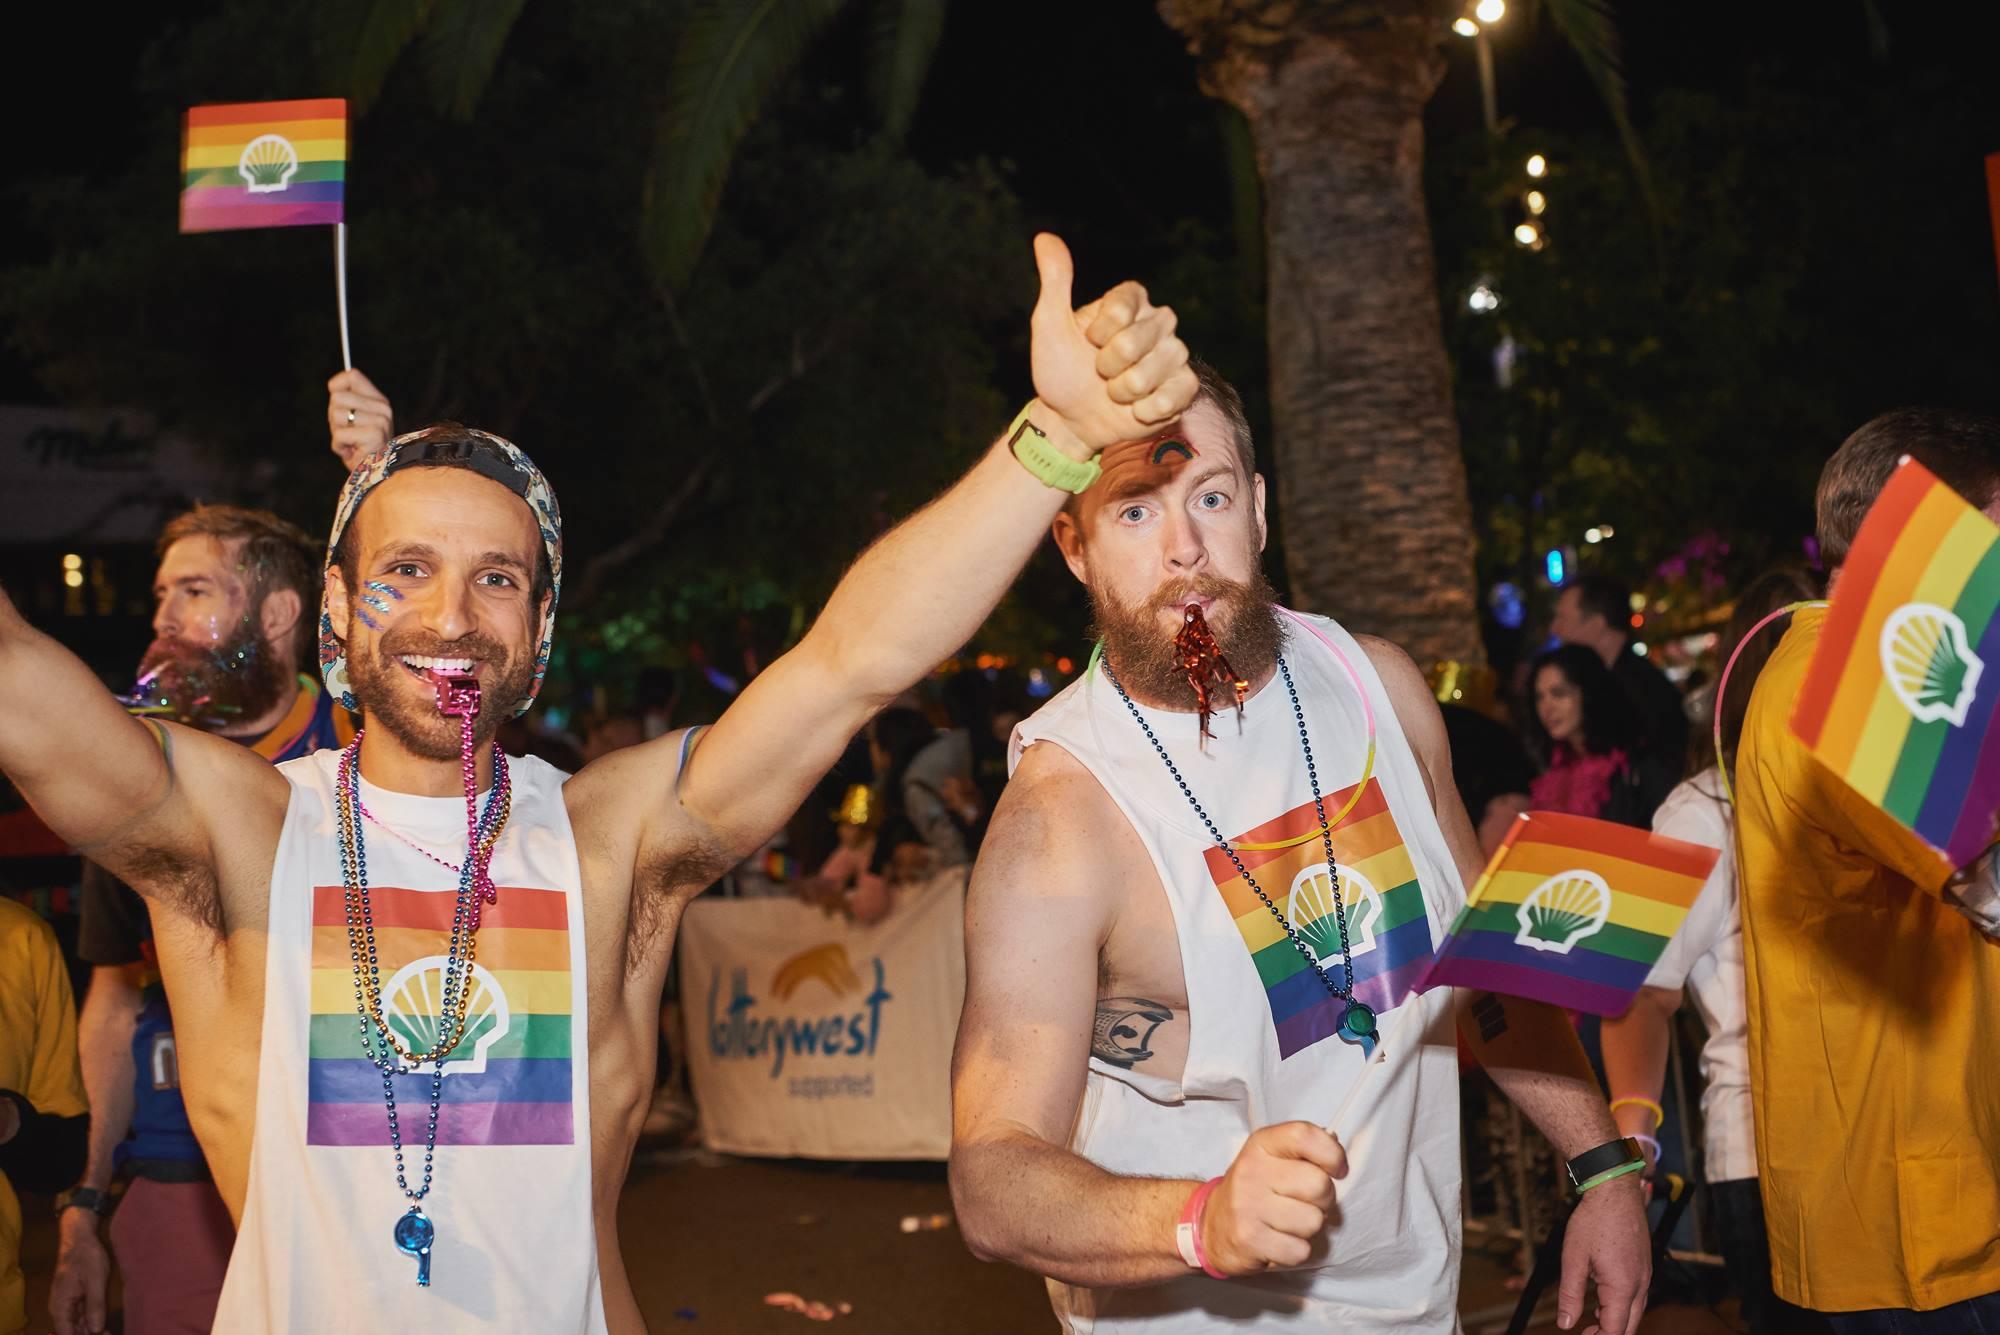 Autres villes gay friendly de l'Australie